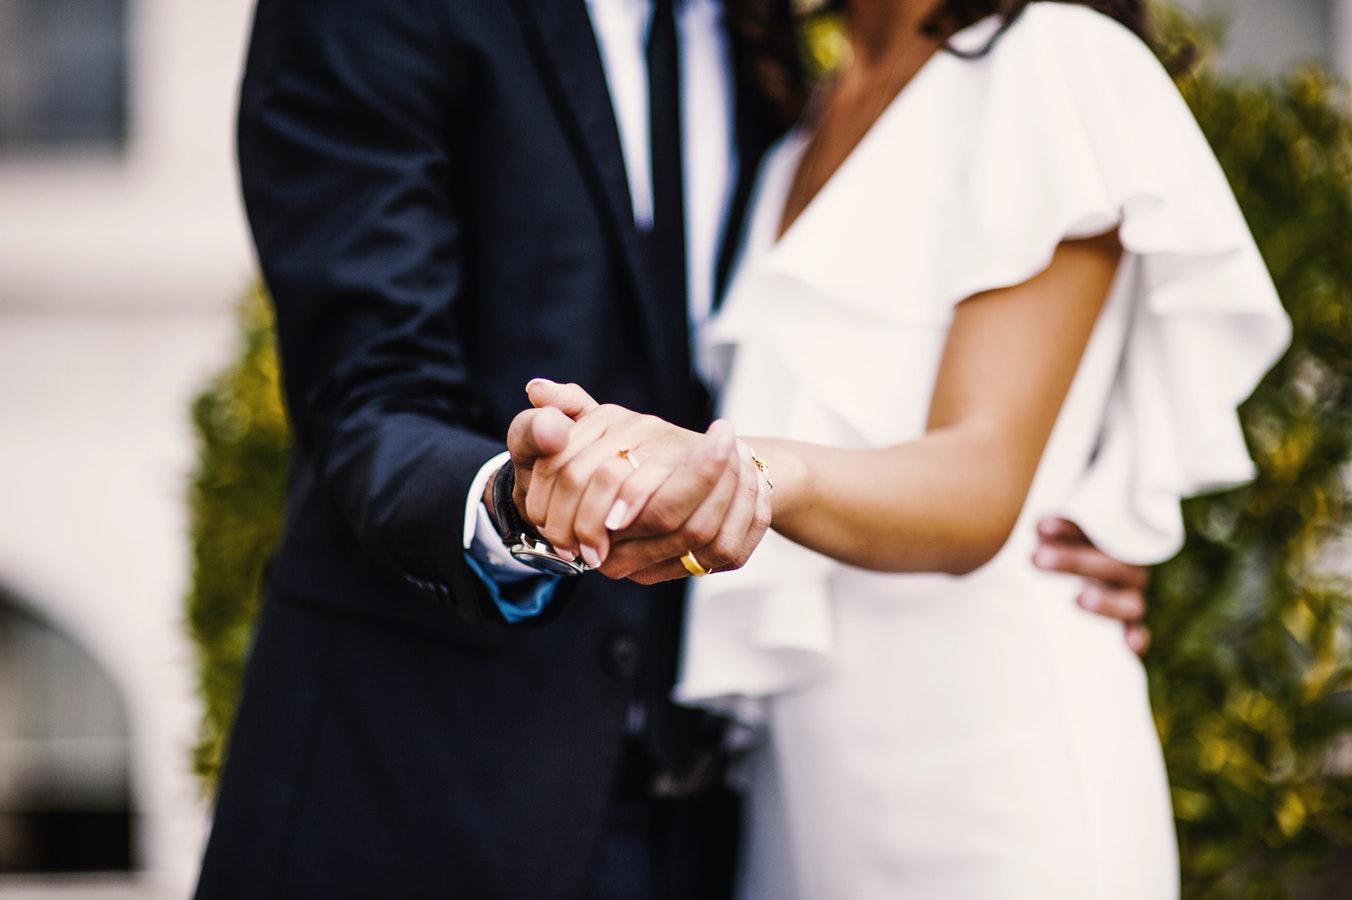 Acabou de ficar noiva? Confira seis coisas que você NÃO precisa decidir agora